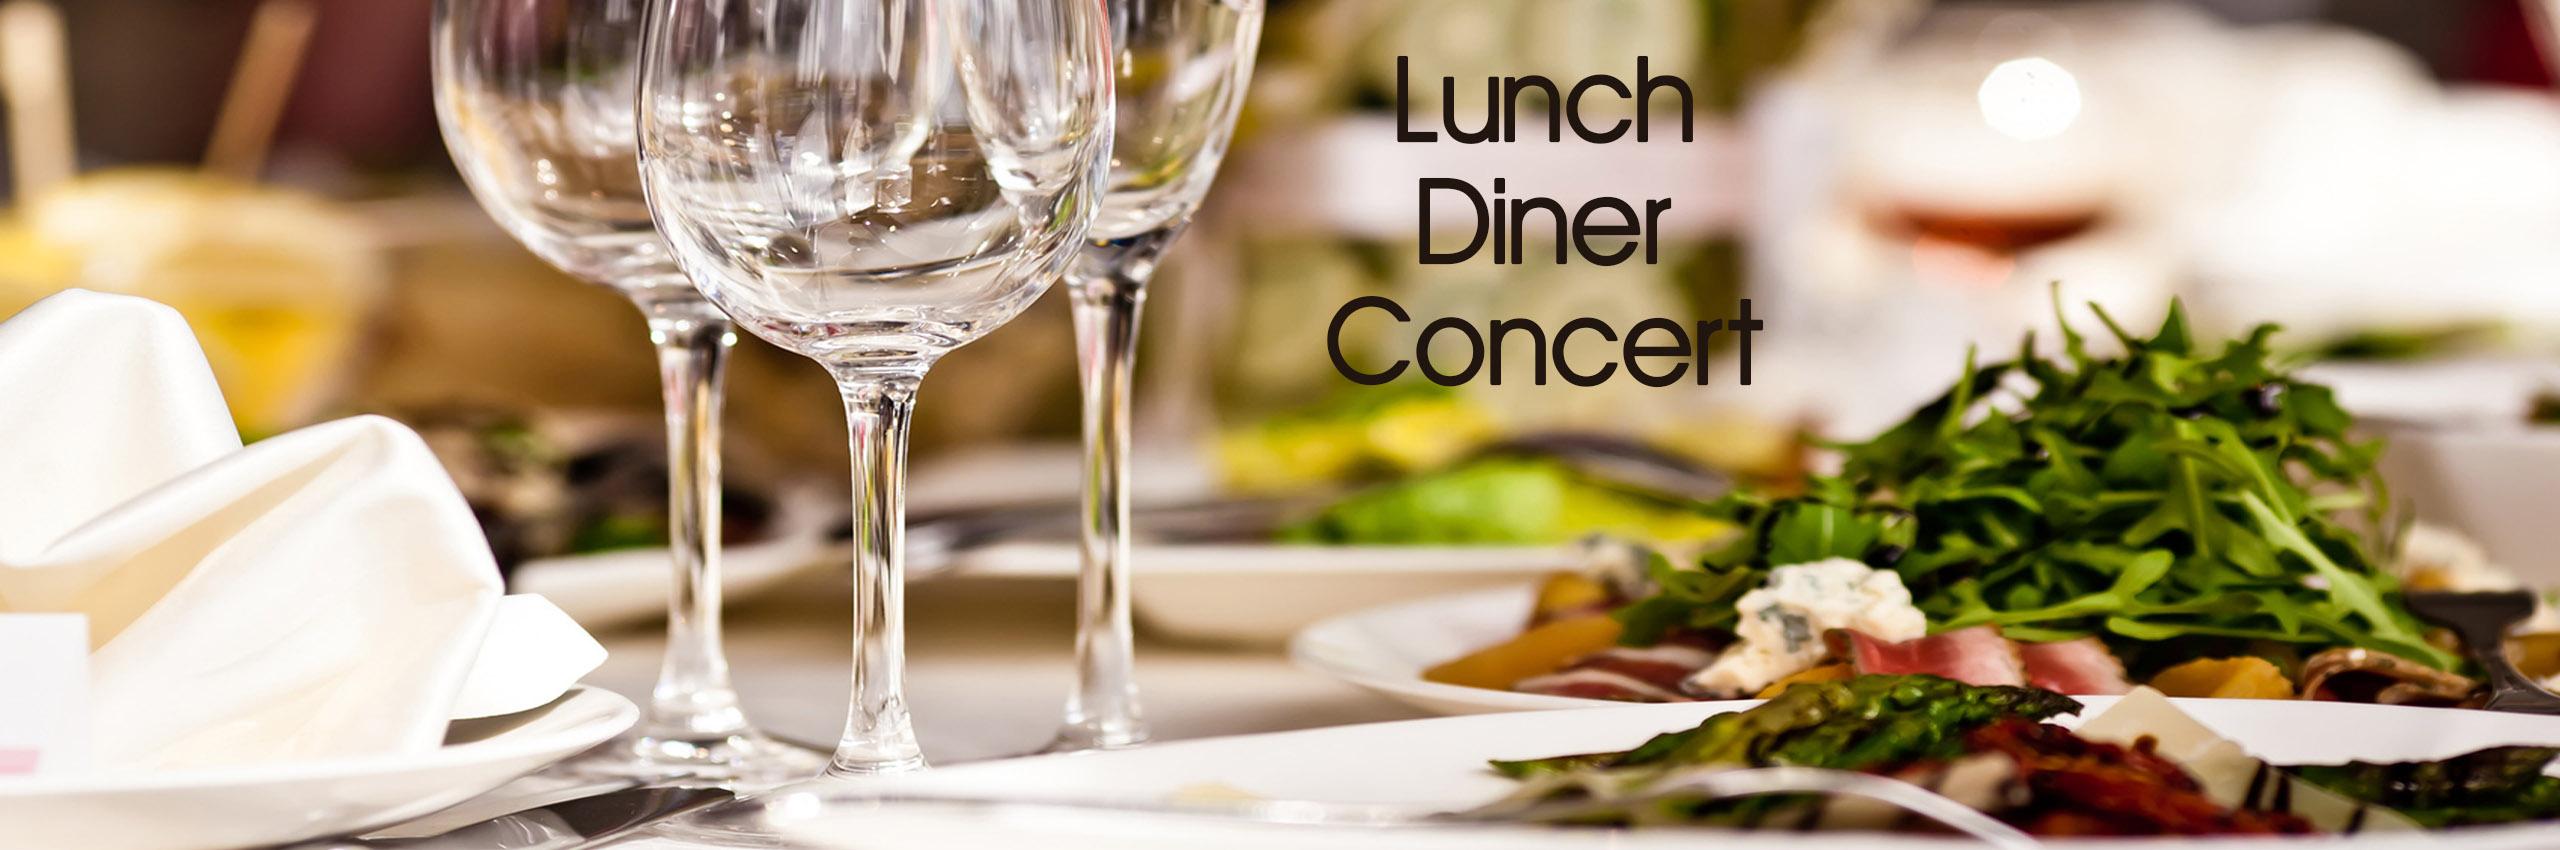 Lunch Diner Concert